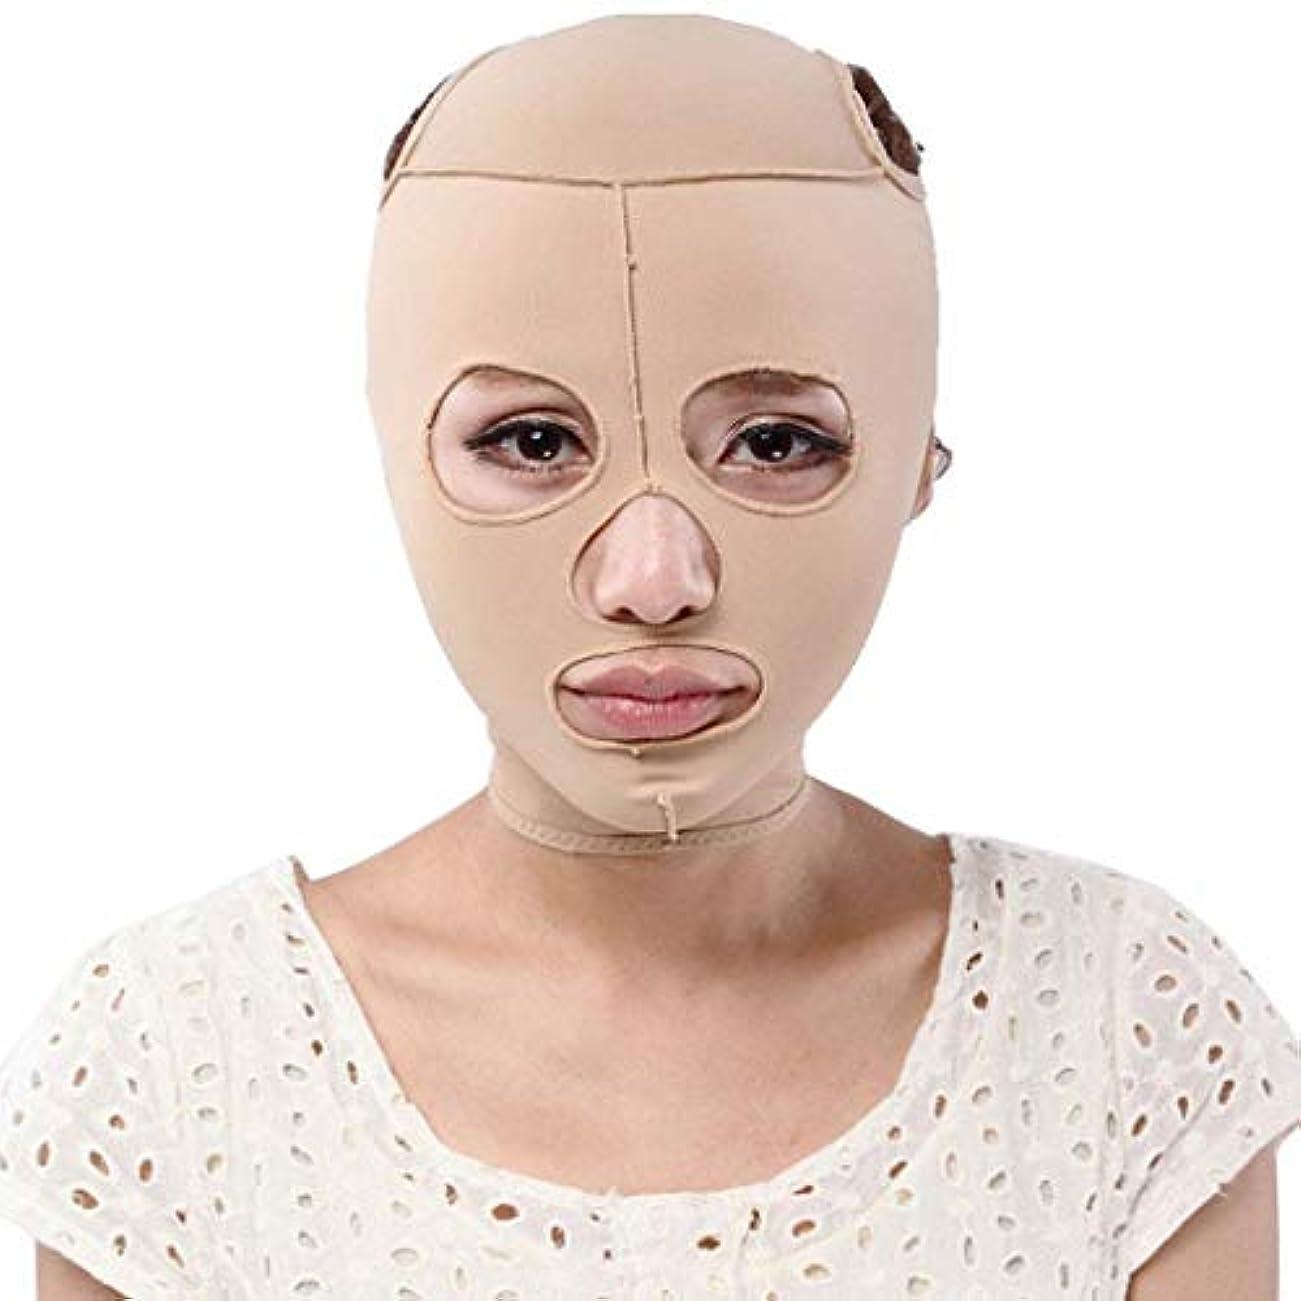 歩行者プレミアム重要なフェイシャルスリミングマスク、フェイスリフティング包帯Vフェイスリフティングおよびリフティング/チンブラッシュスリムボディリダクションダブルチン減量包帯通気性、肌(XL) (S)